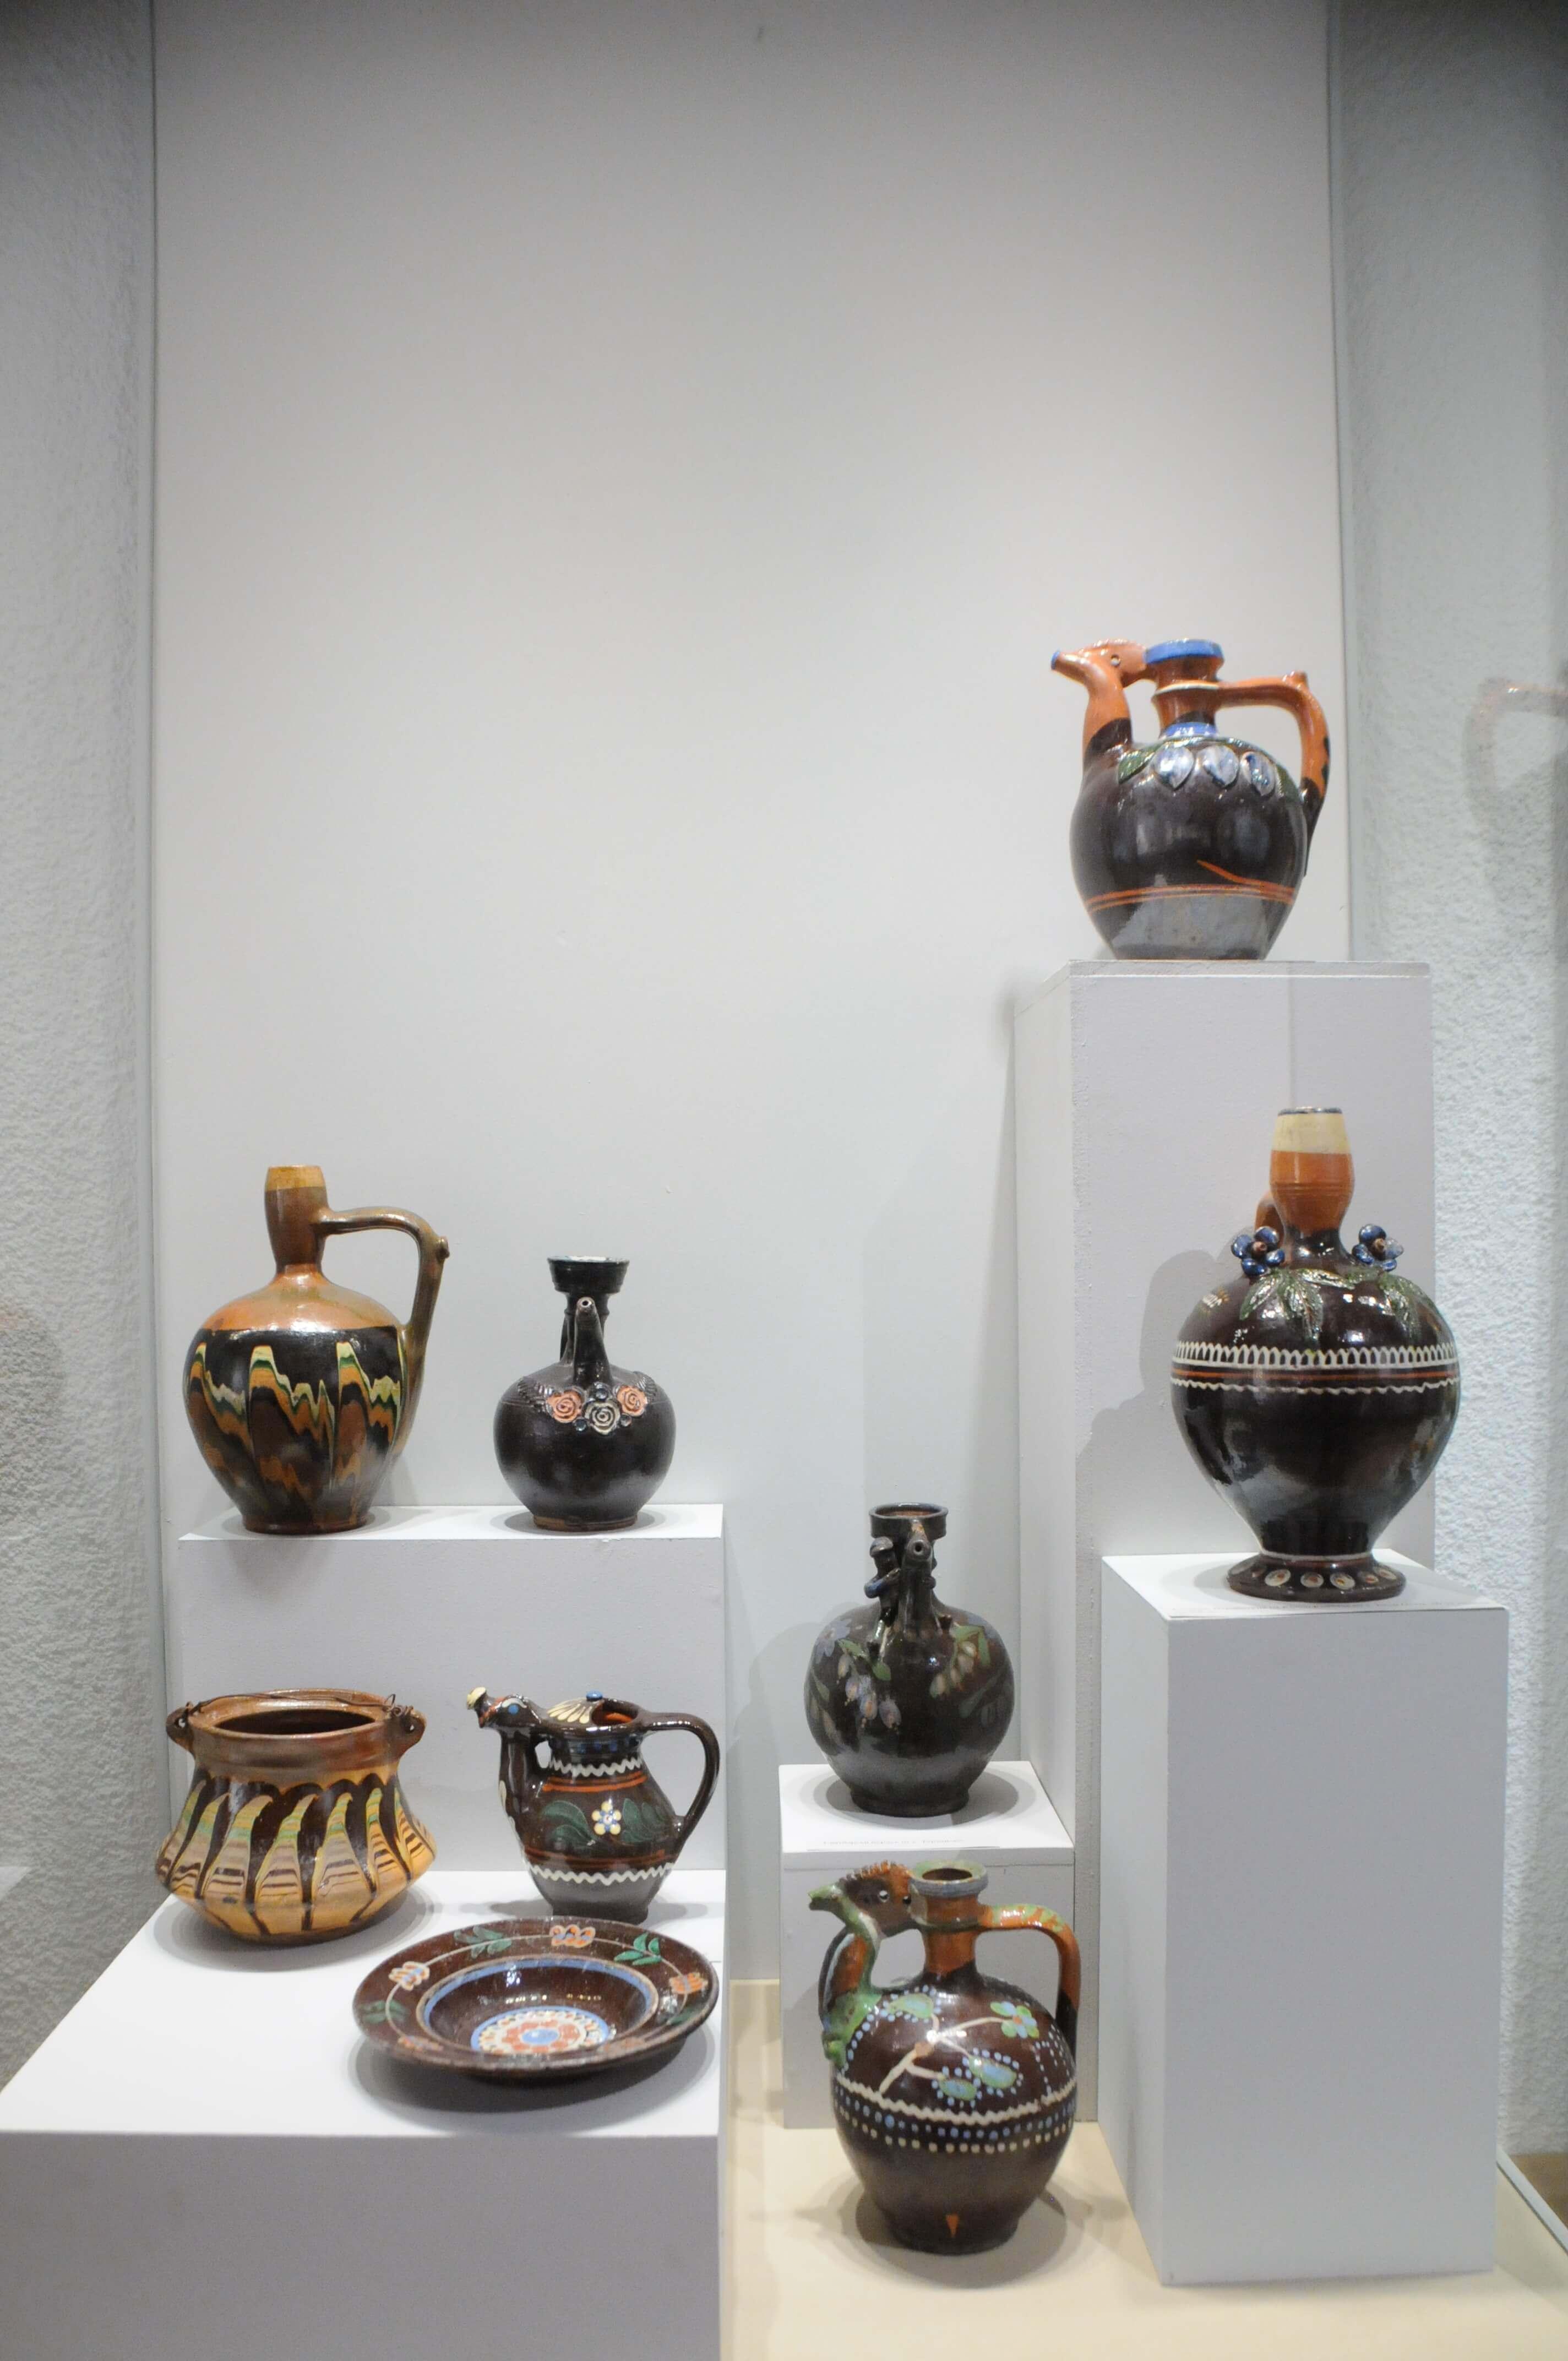 bogatstvoto-na-troyanskata-keramika (18)